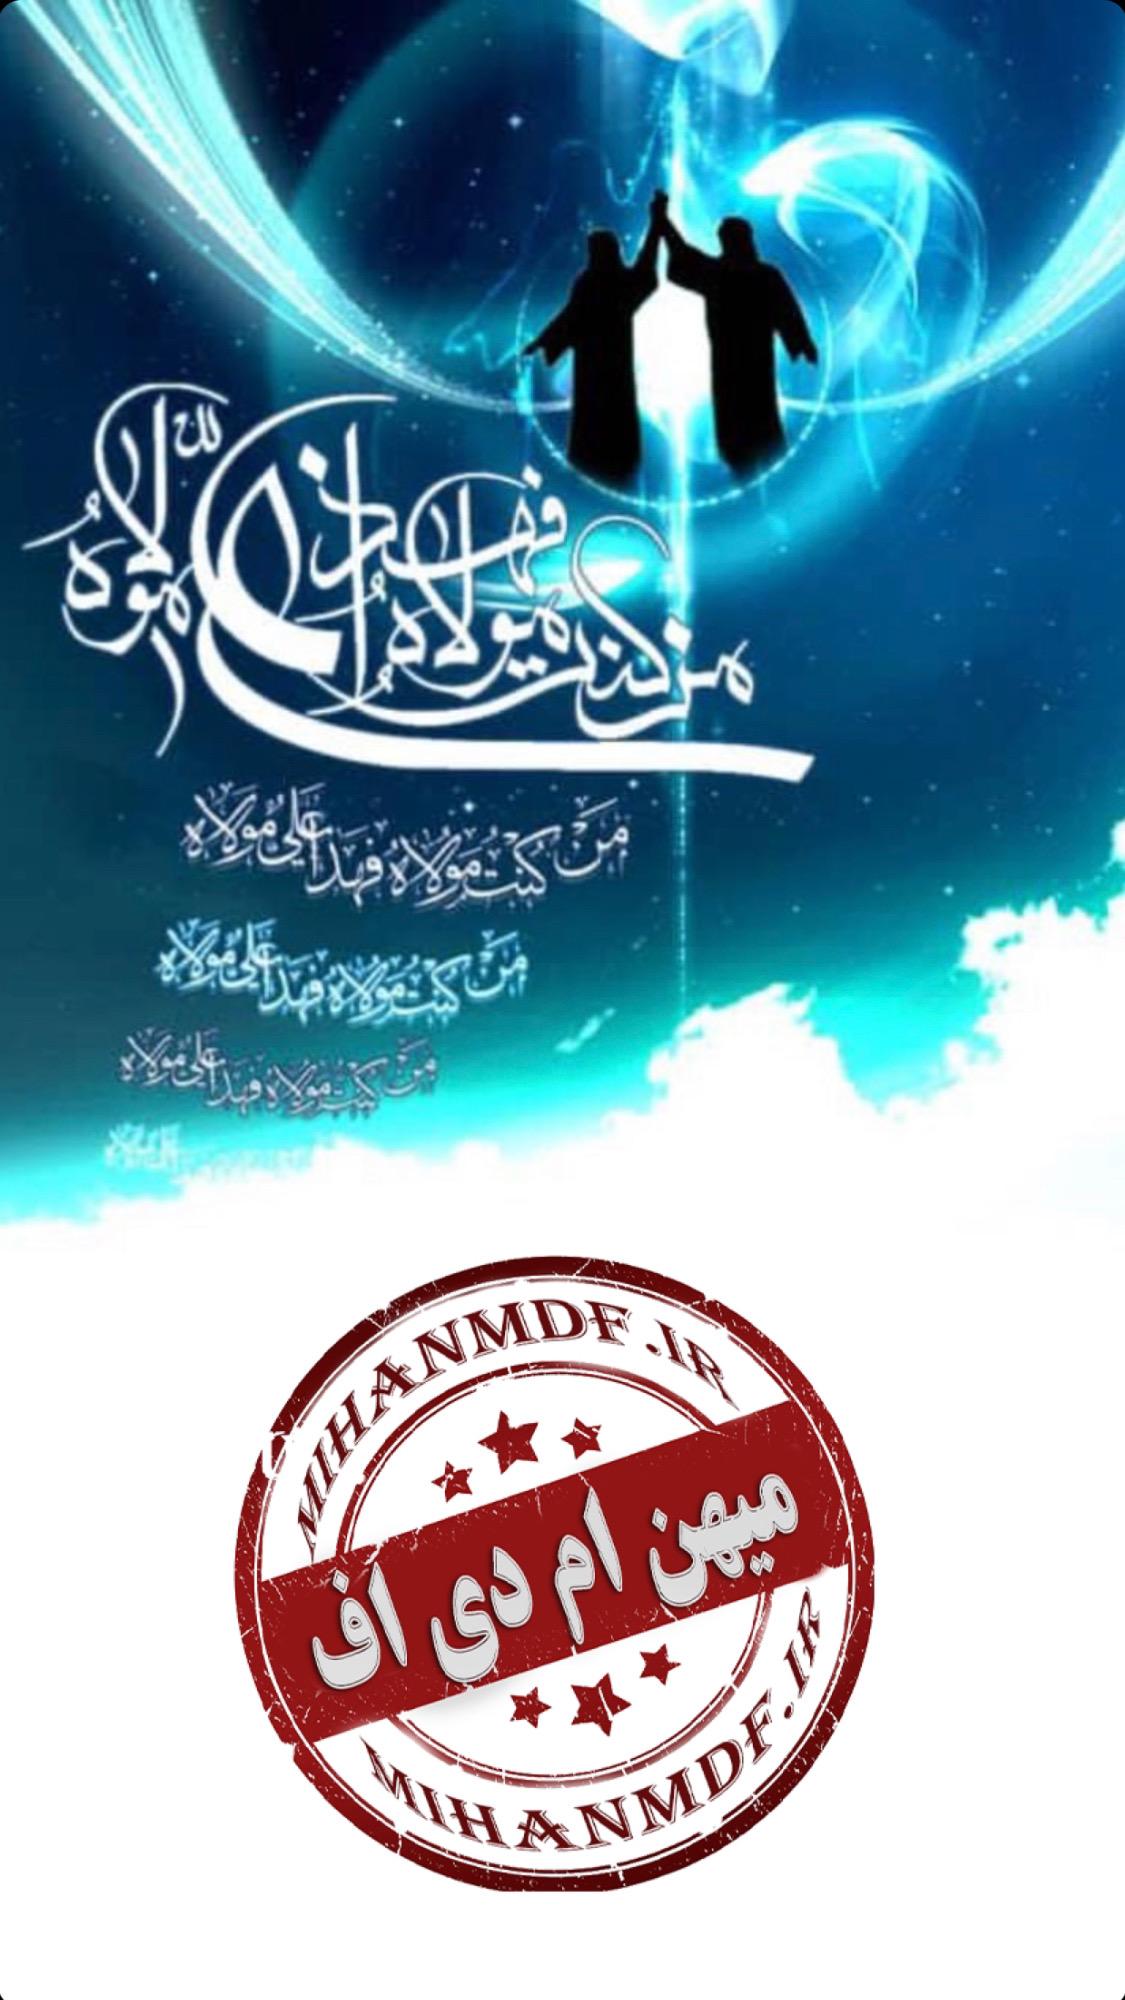 عيد غديرخم